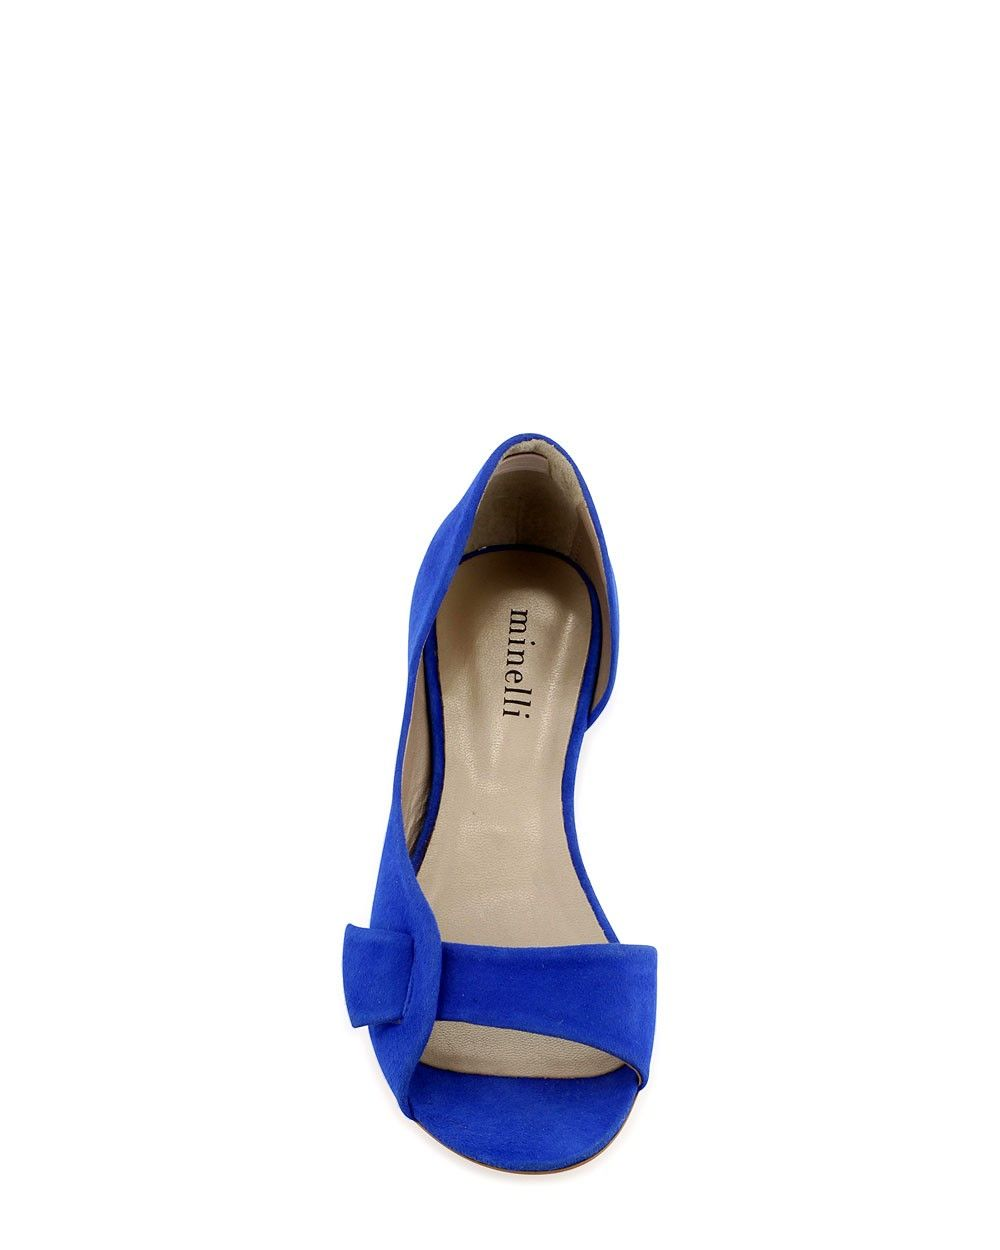 7e675d225361ad Ballerine - Billie - Chaussures Femme Printemps Eté version plate ...